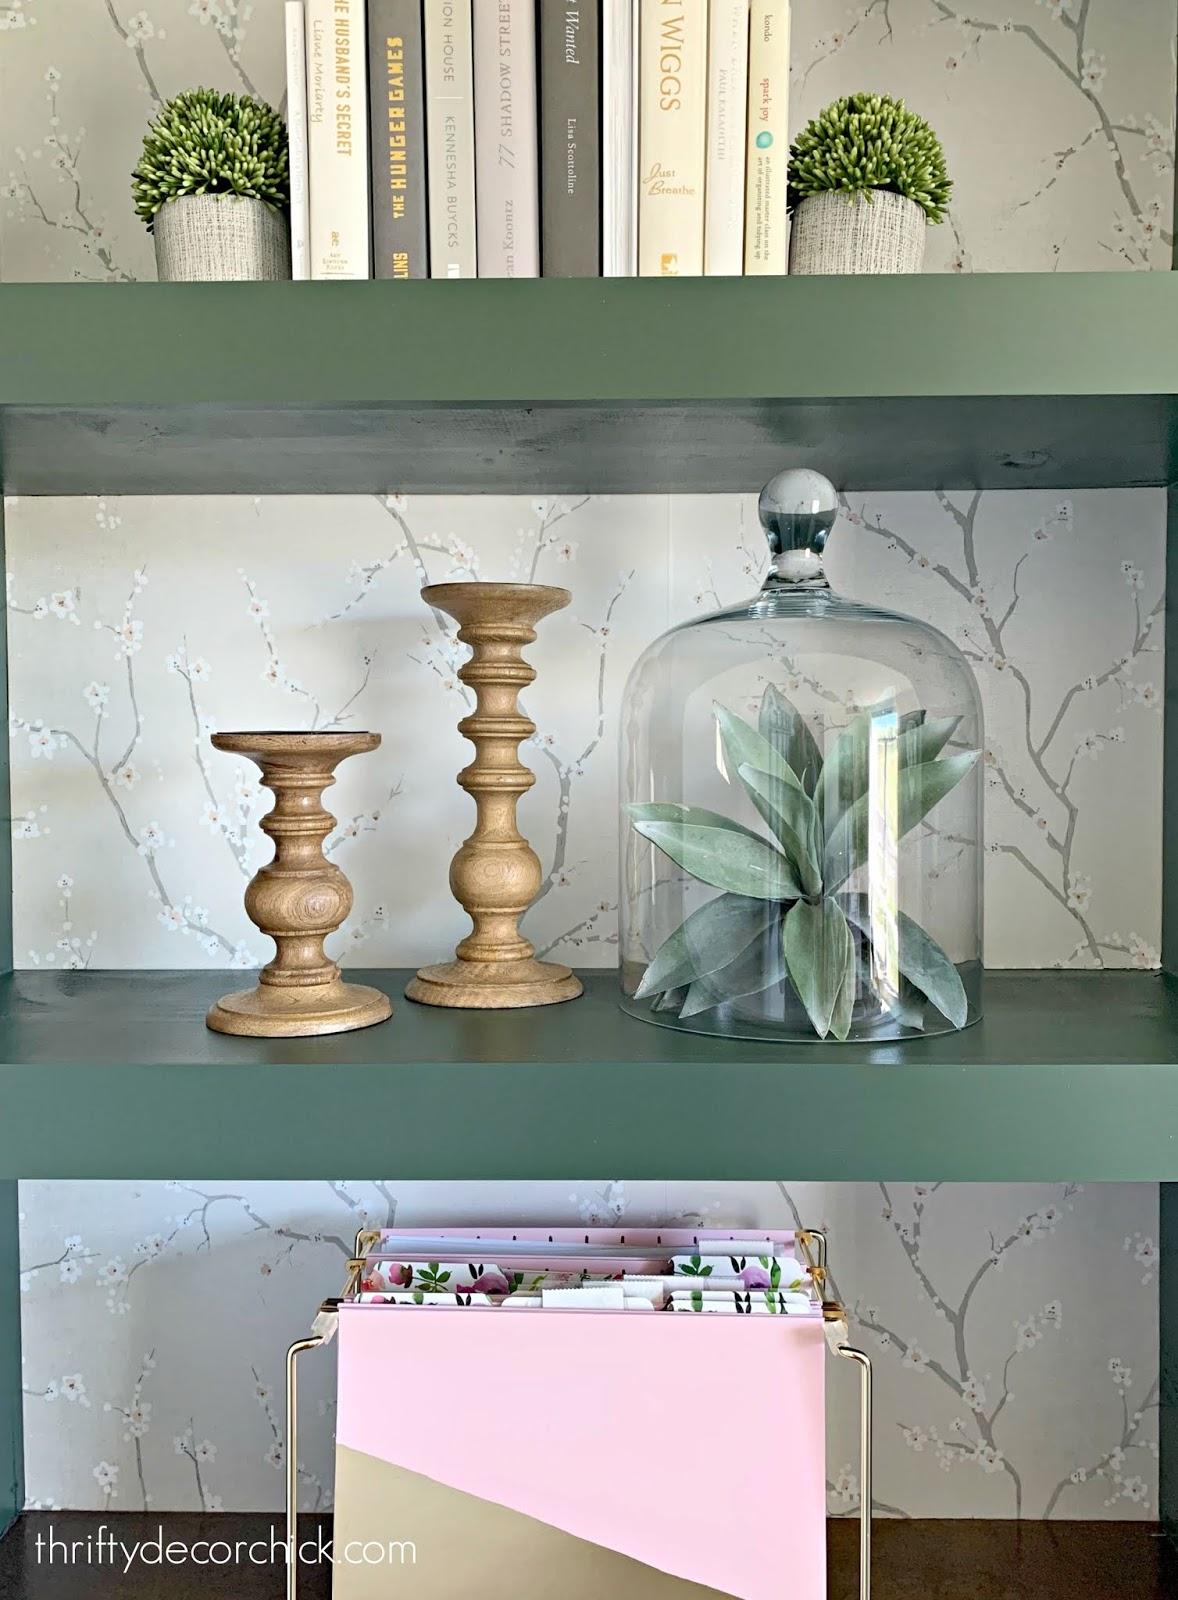 Easy decor -- faux plants under glass